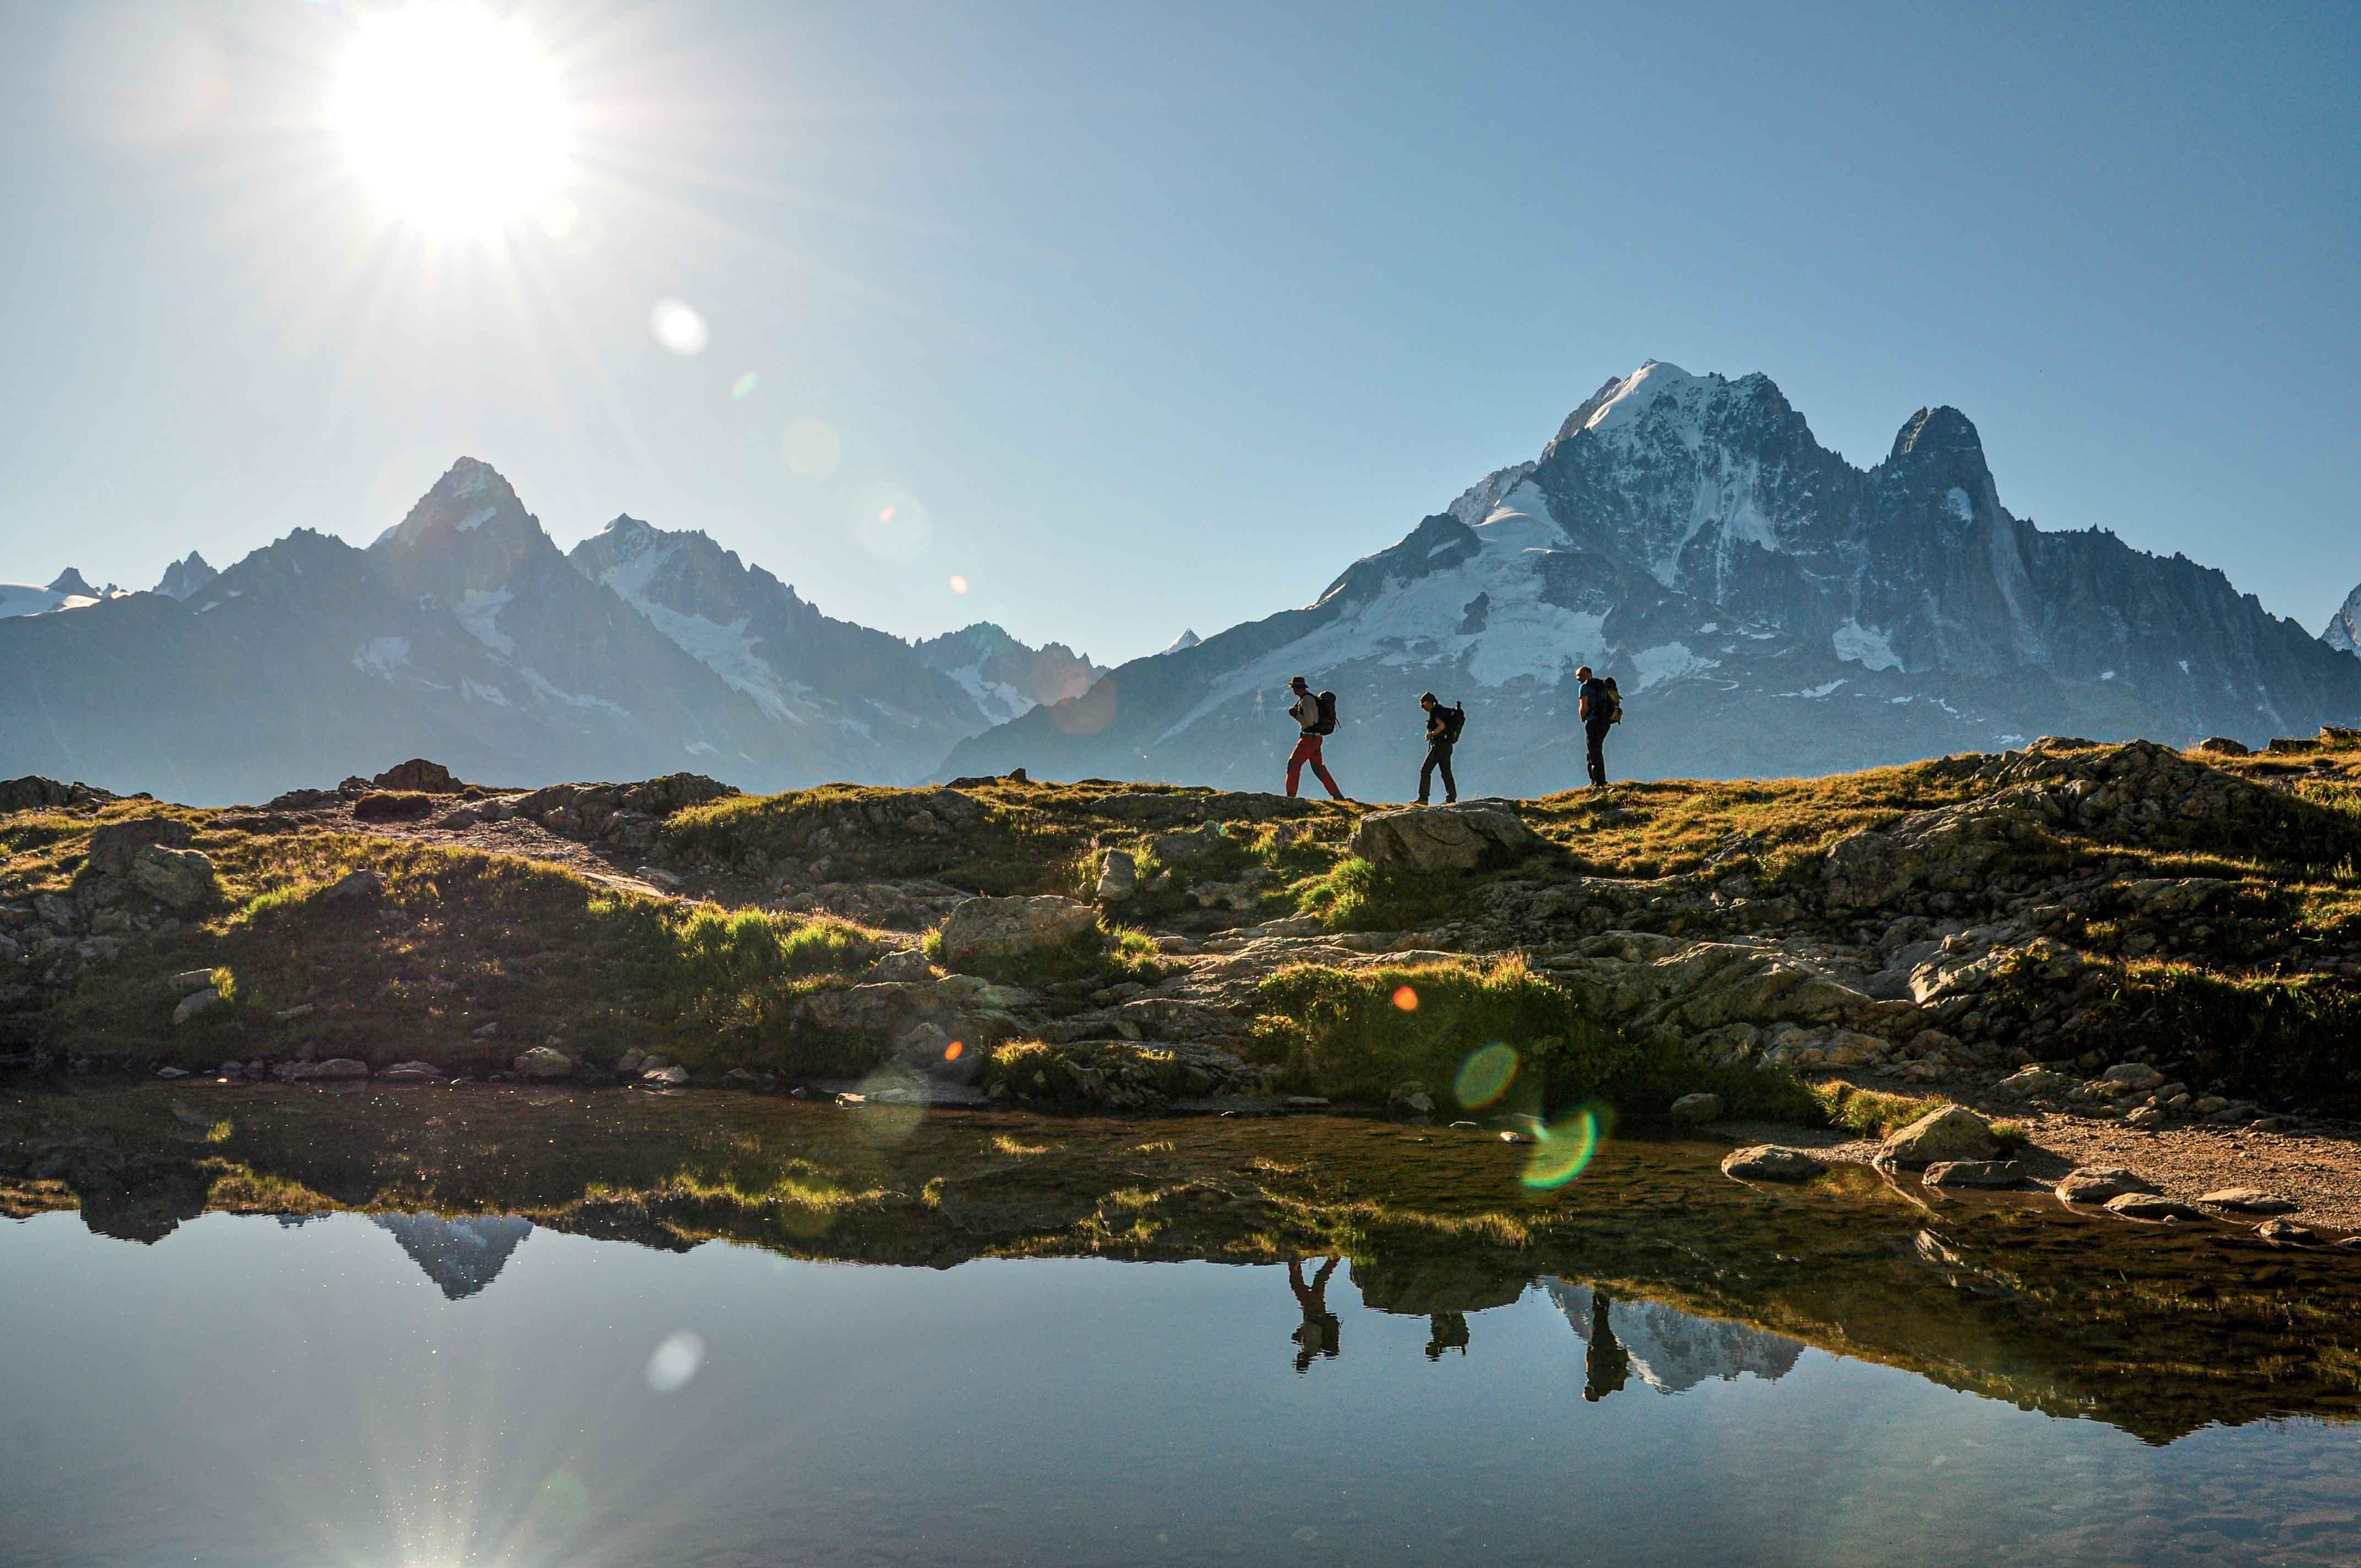 Les meilleurs endroits pour randonner à la montagne cet été